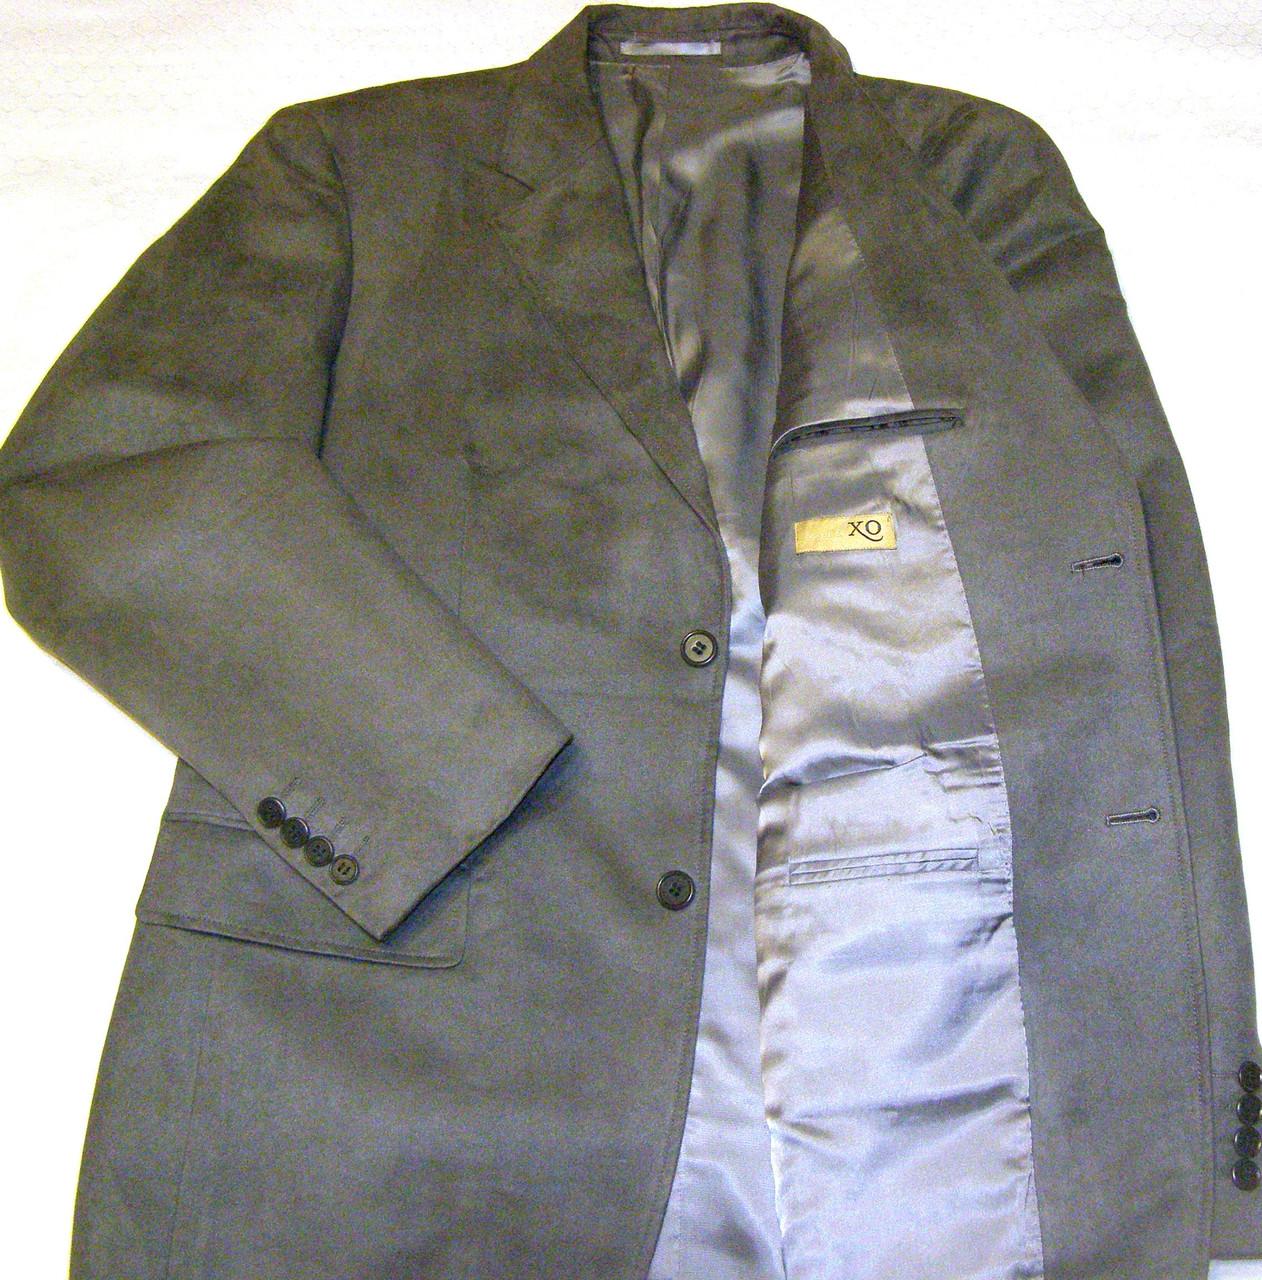 Замшевий піджак ХО (50)